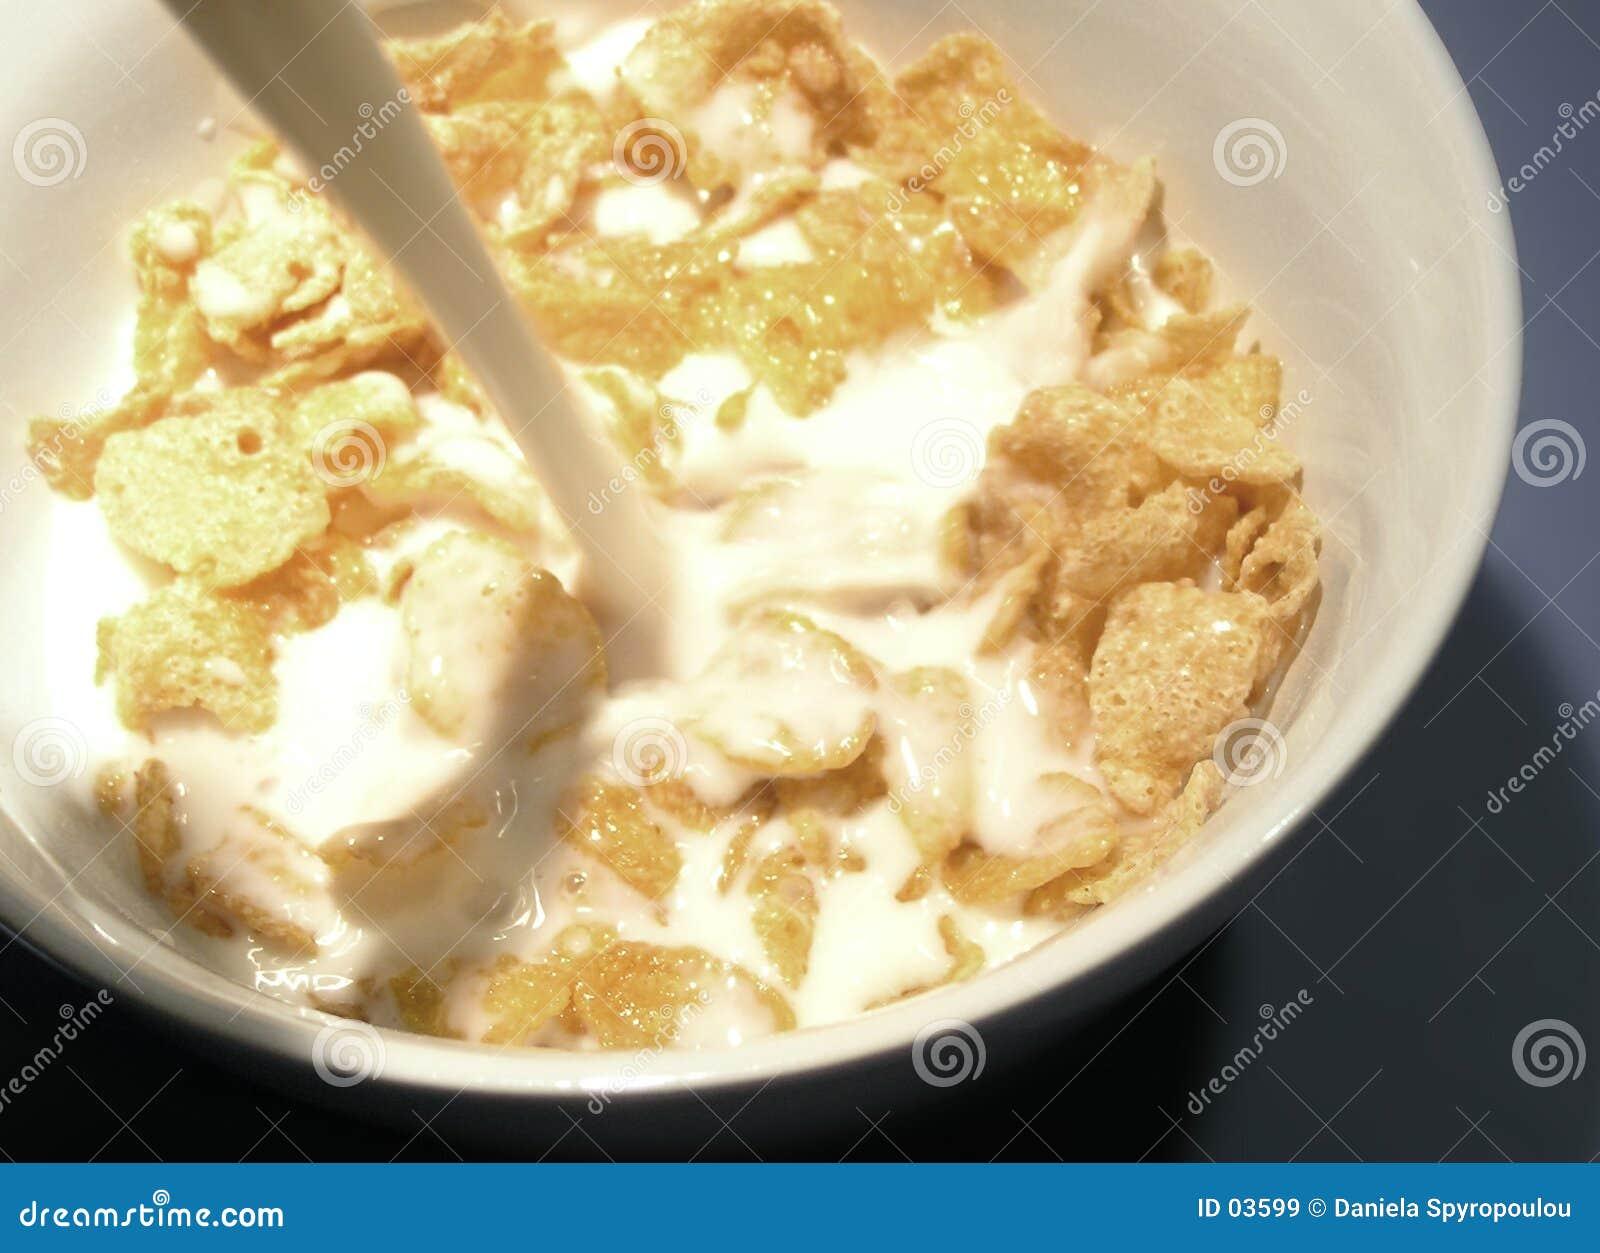 Download Flocons d'avoine image stock. Image du couleur, breakfasts - 3599